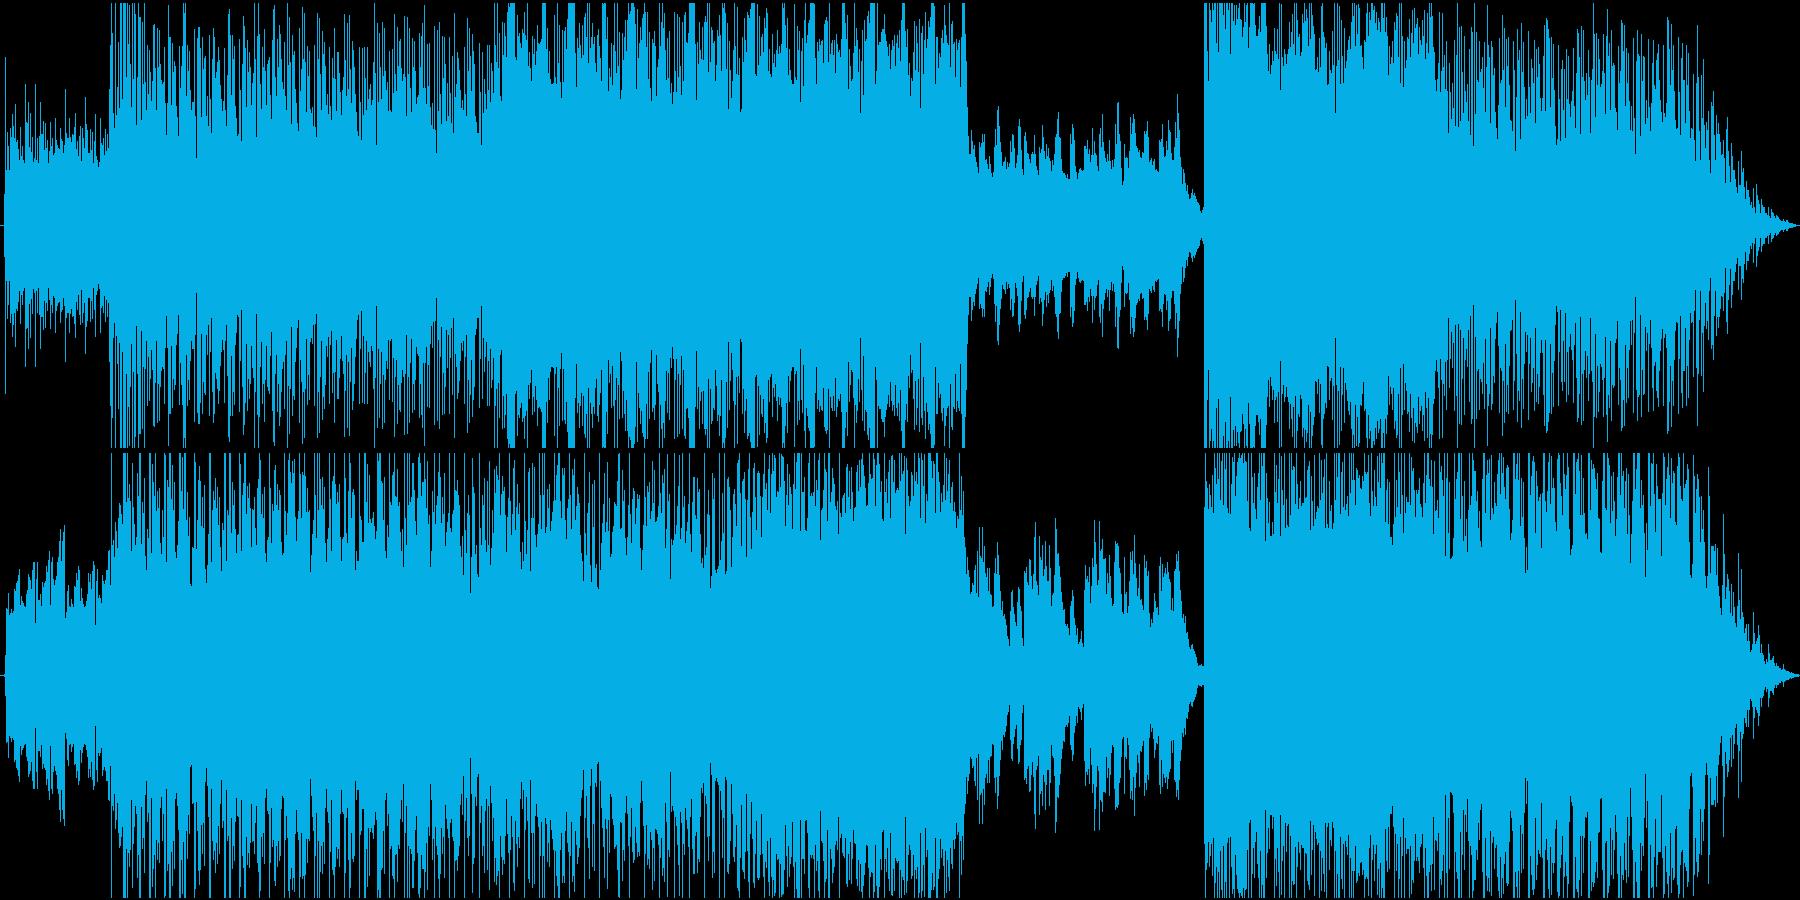 フワフワ宙に漂うようなギターループ音源の再生済みの波形